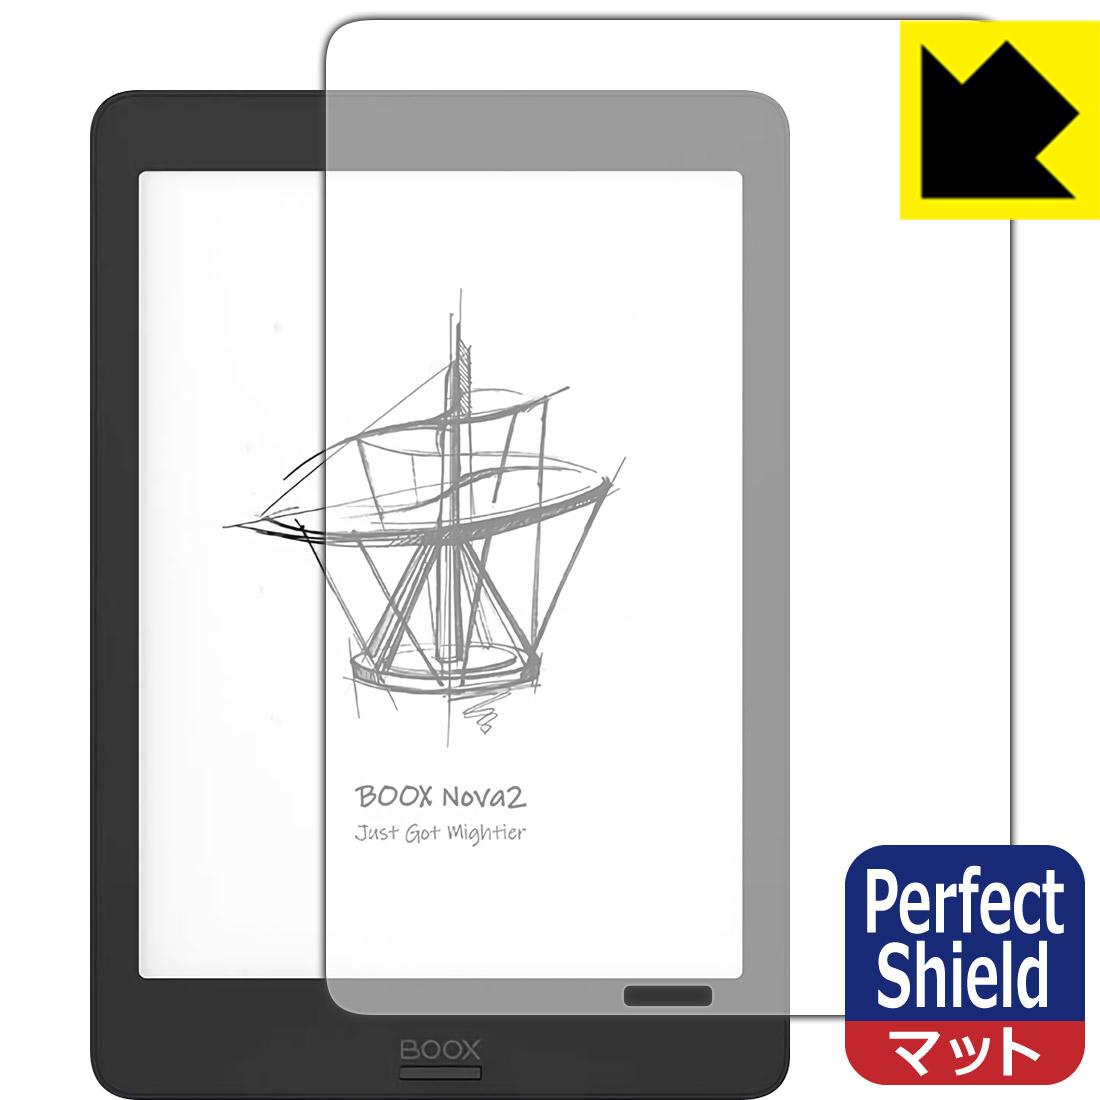 電子書籍リーダーアクセサリー, その他 Perfect Shield Onyx BOOX Nova2 BOOX Nova Pro (3) RCPsmtb-kd